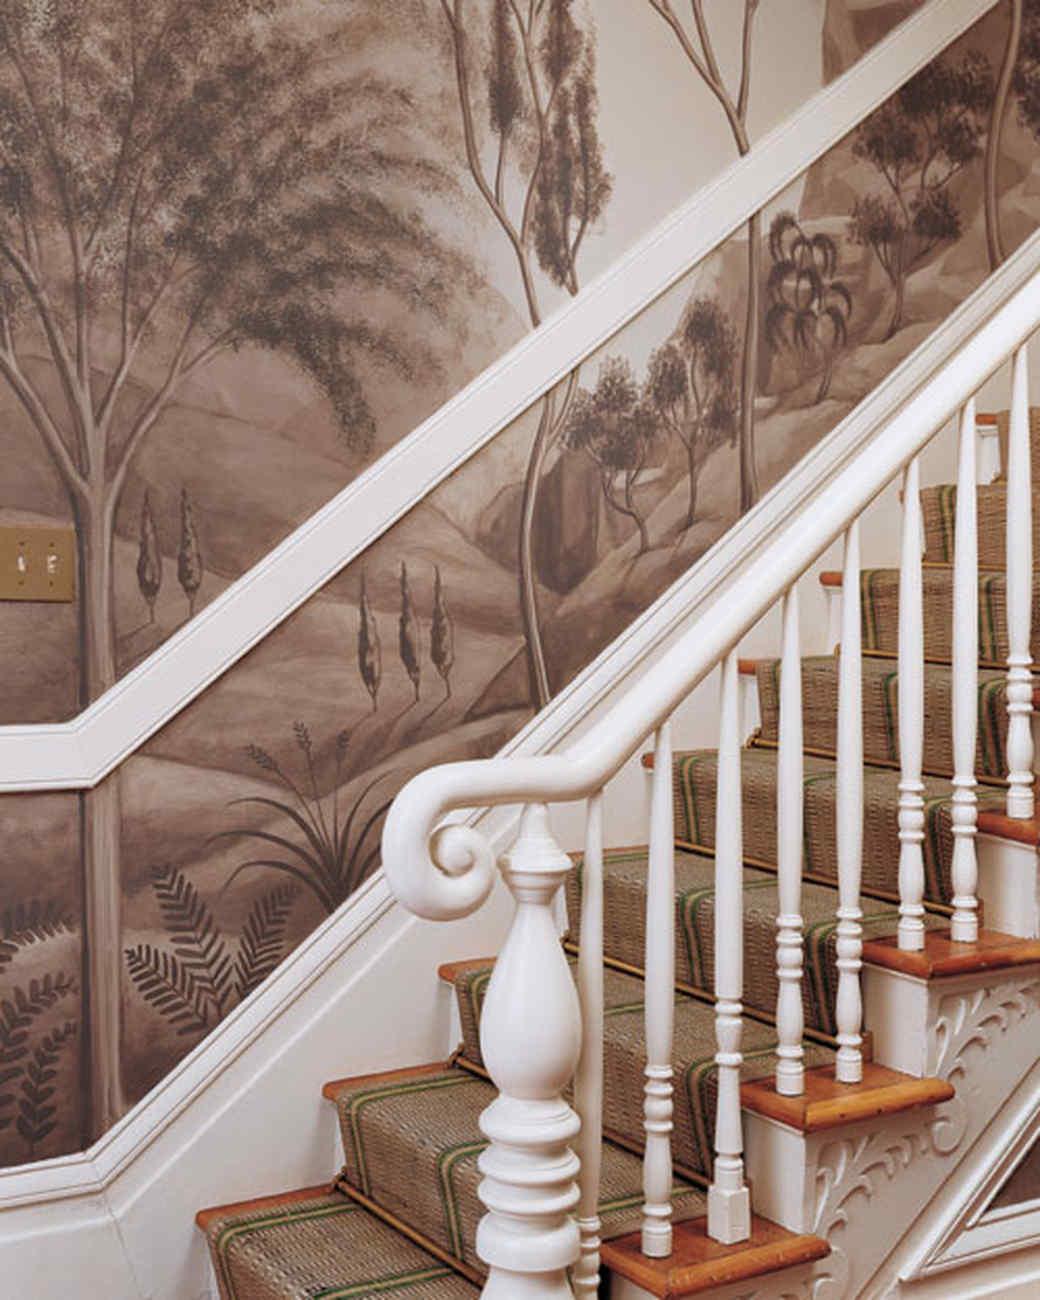 ml209pp12_sept2002_staircase.jpg